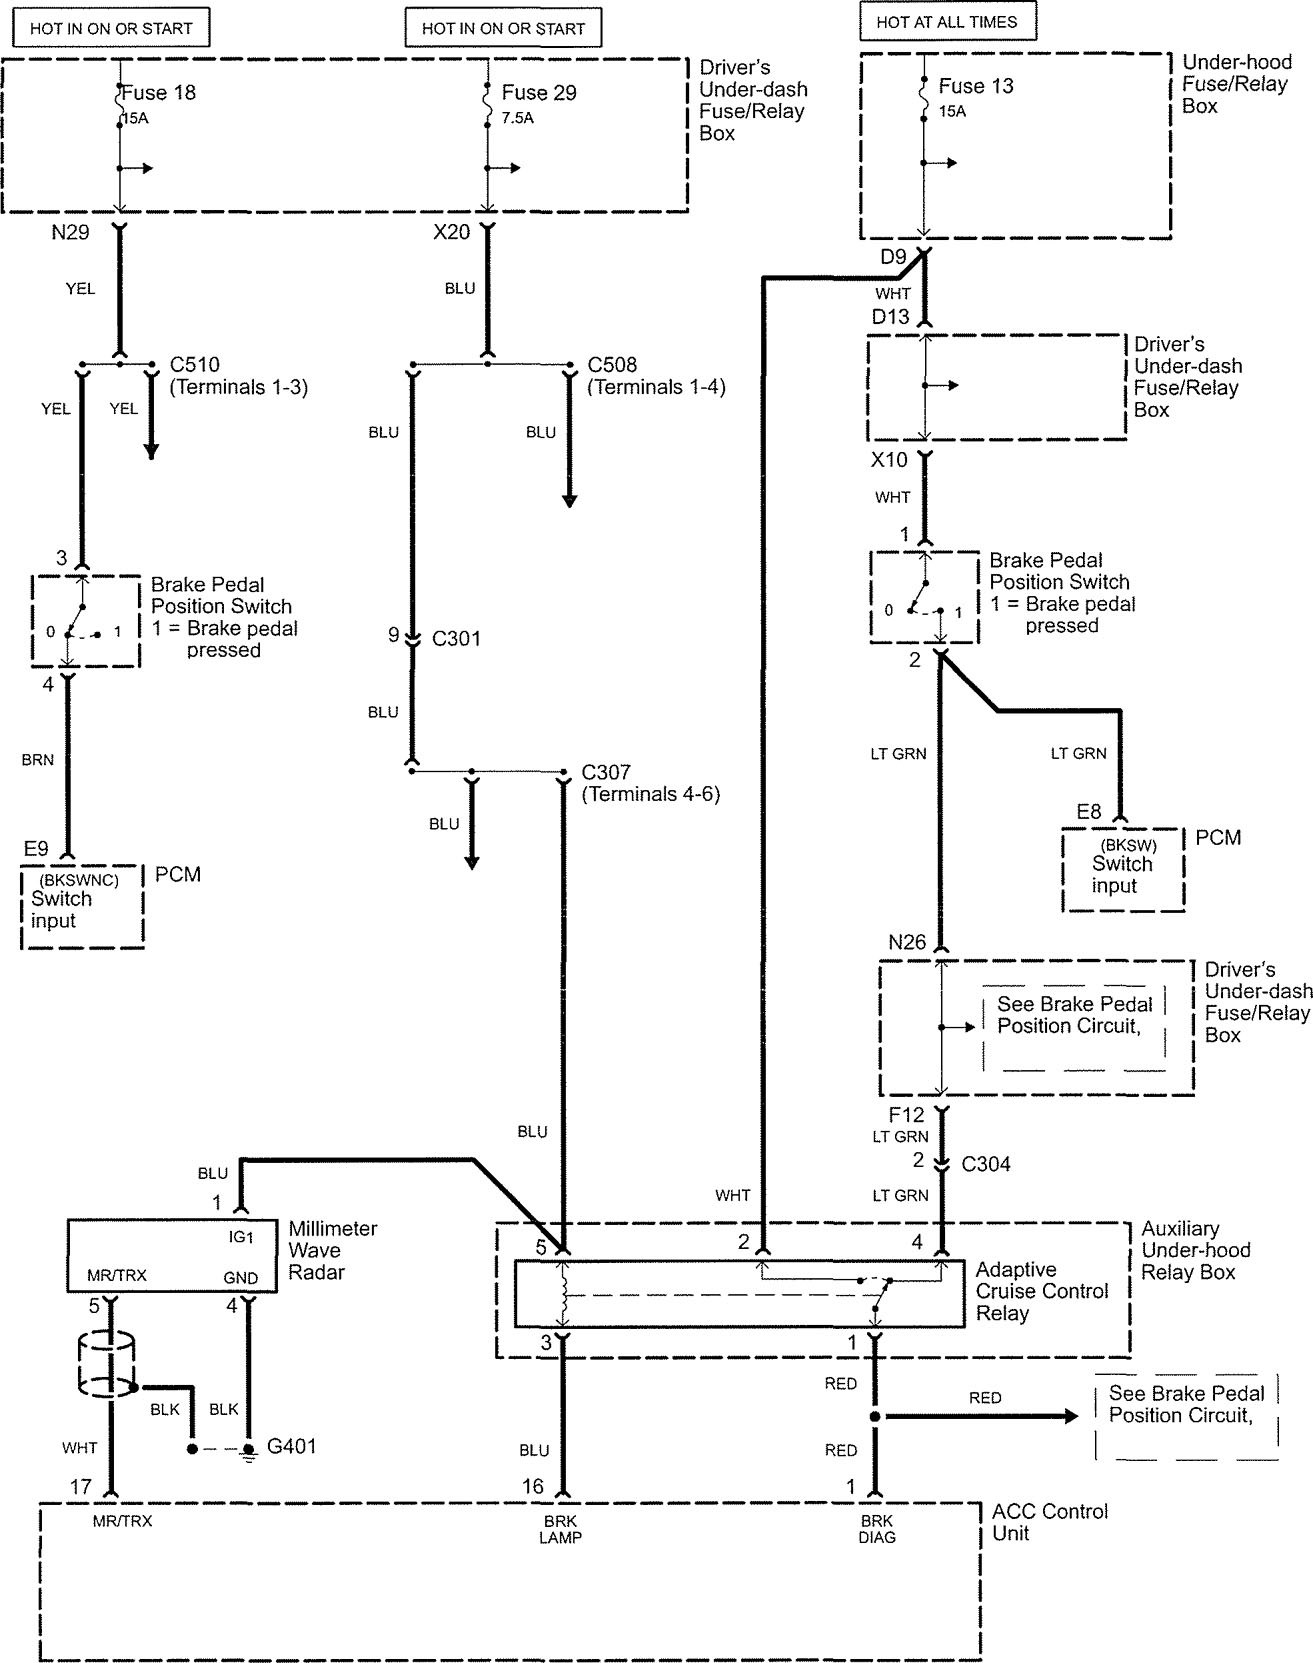 1978 Camaro Wiring Diagram Just Another Blog 70 Schematic 6 Cylinder Data Schema Rh 26 Danielmeidl De